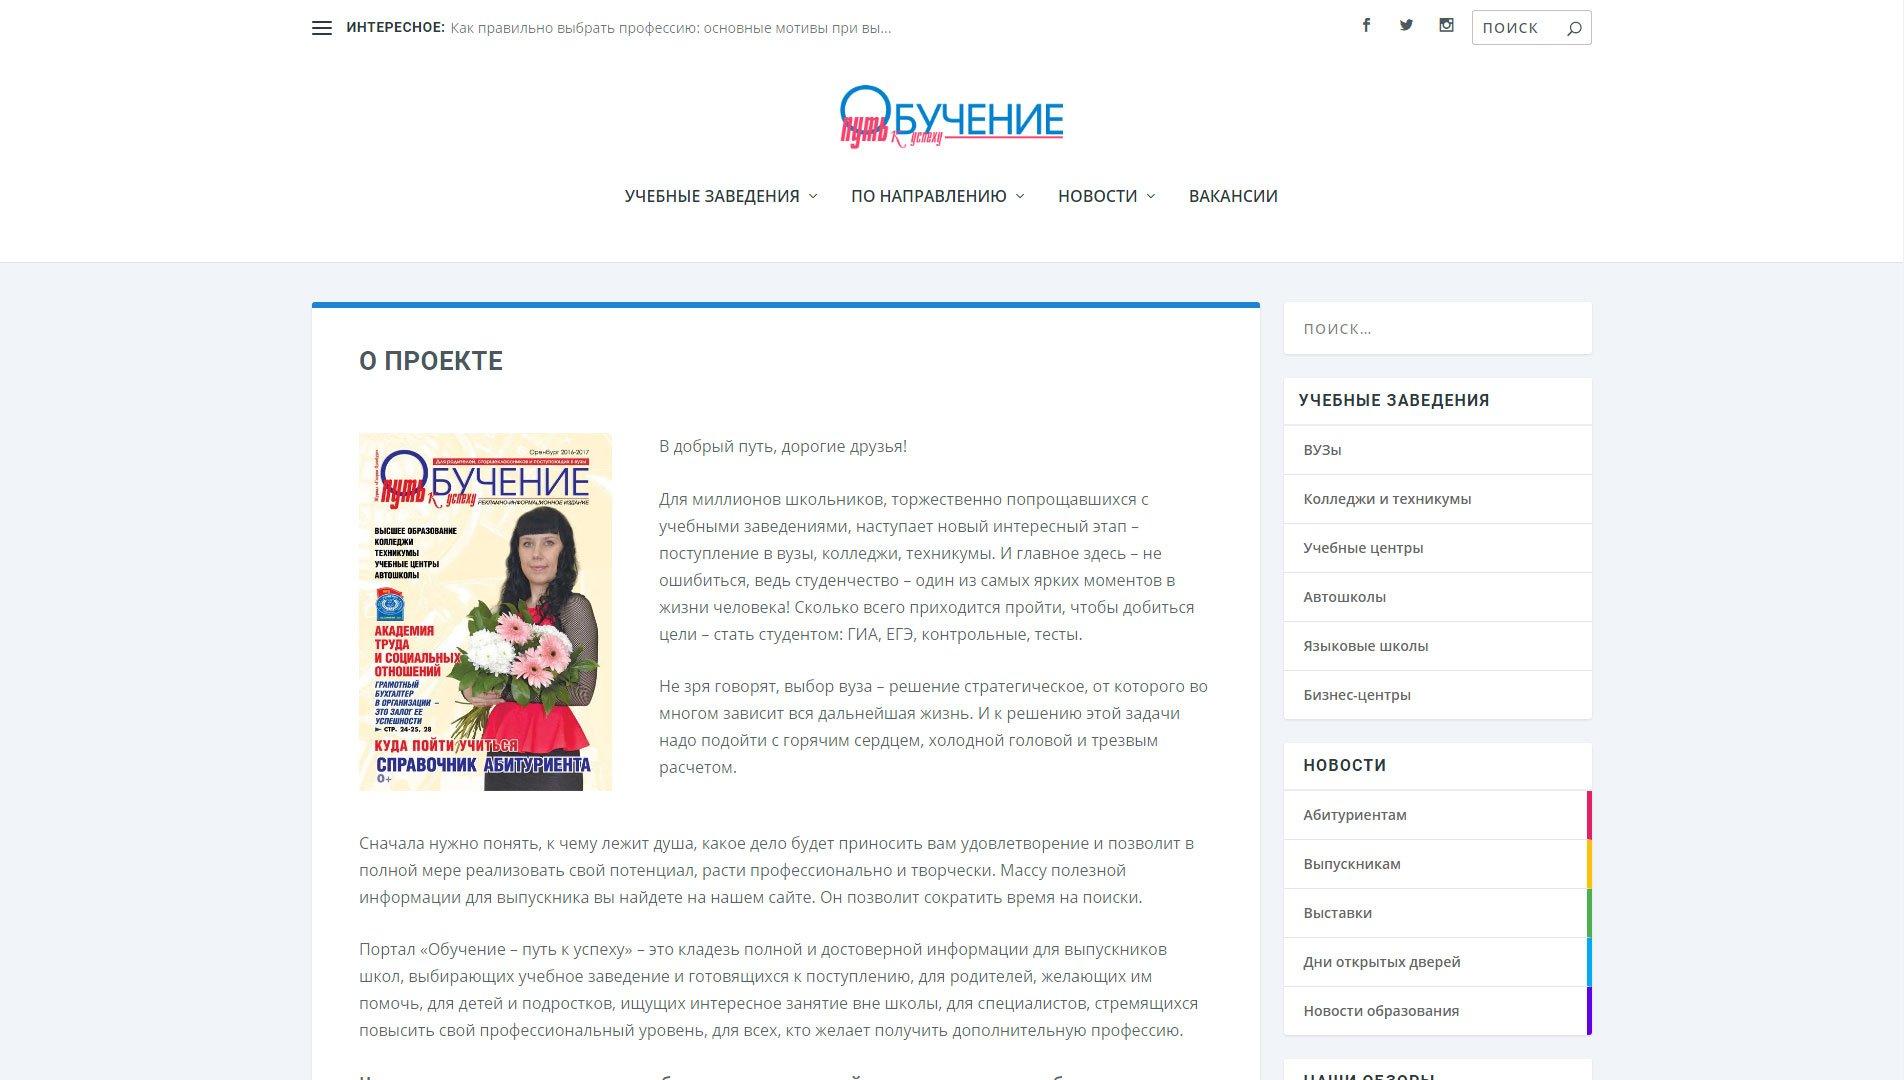 Создание сайта Obuchenie56.ru - Образовательный портал в Оренбурге (11)